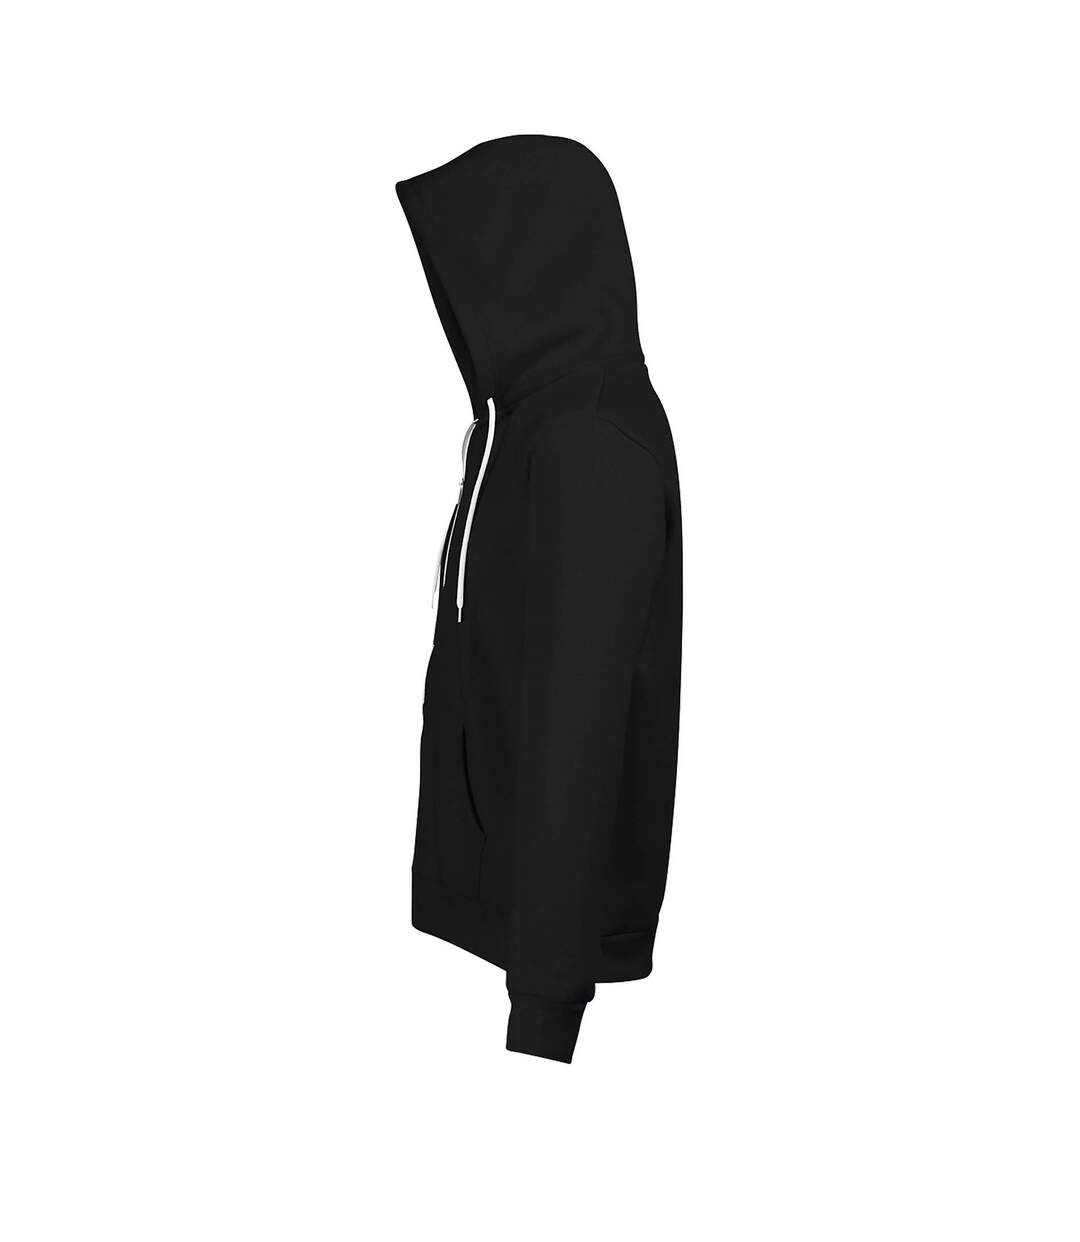 SOLS Silver Unisex Full Zip Hooded Sweatshirt / Hoodie (Black) - UTPC342